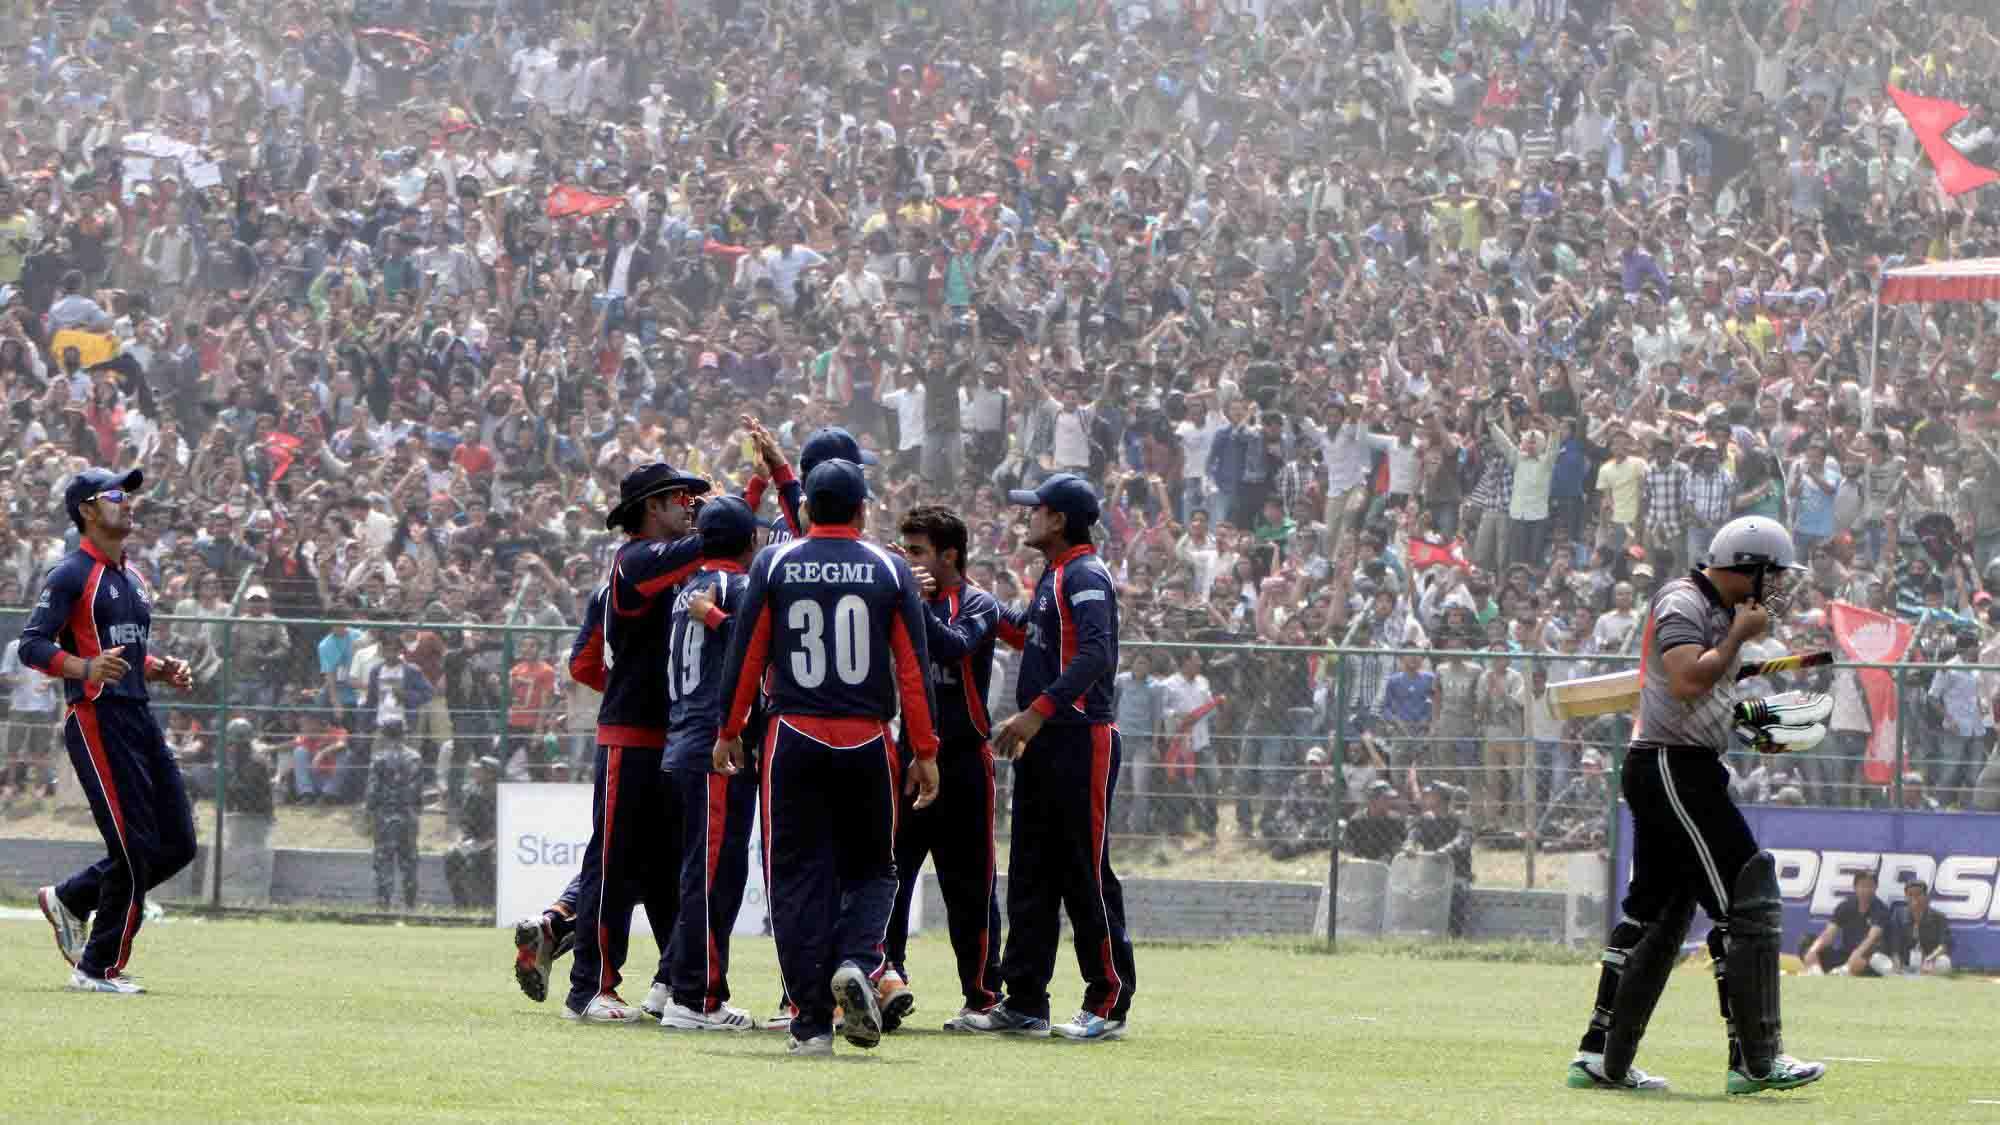 नेपाली क्रिकेट खेलाडीले पाए एक वर्षसम्म रोकिएको तलब